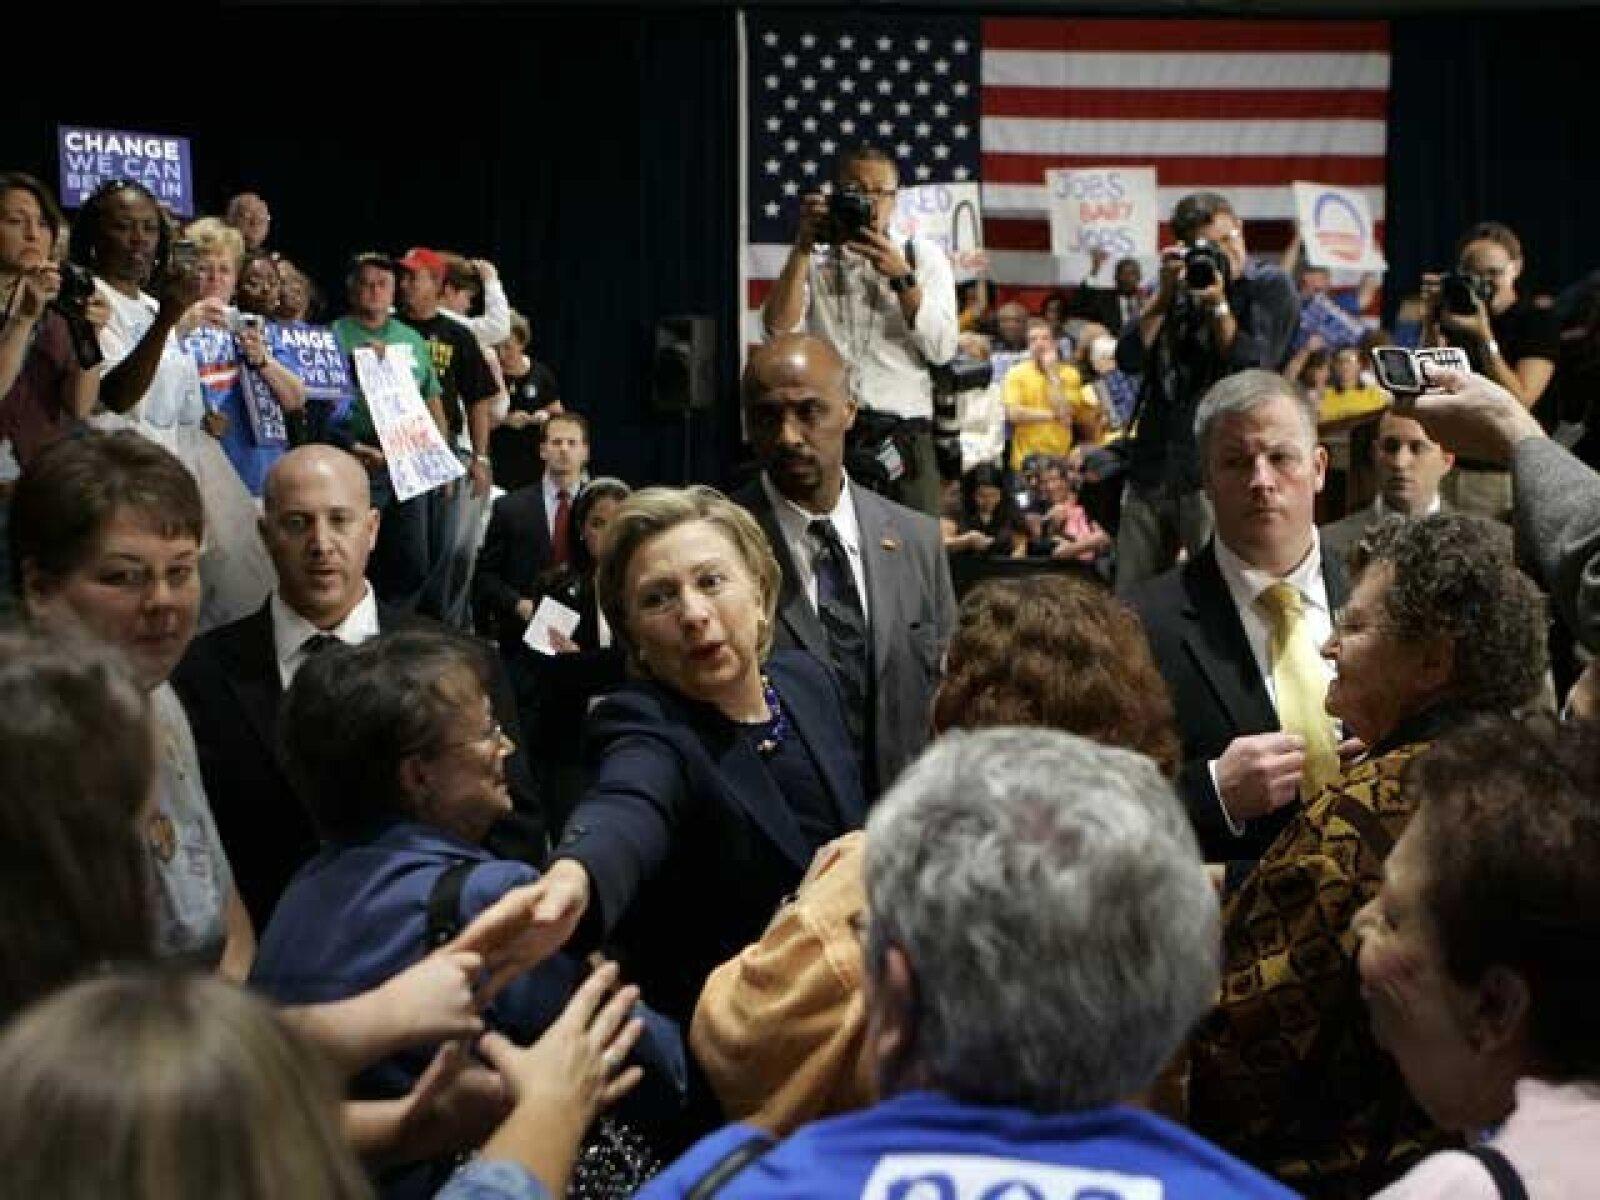 La senadora Hillary Clinton también estuvo muy activa en St. Charles, Missouri, haciendo campaña por su compañero de partido, el demócrata Barack Obama.